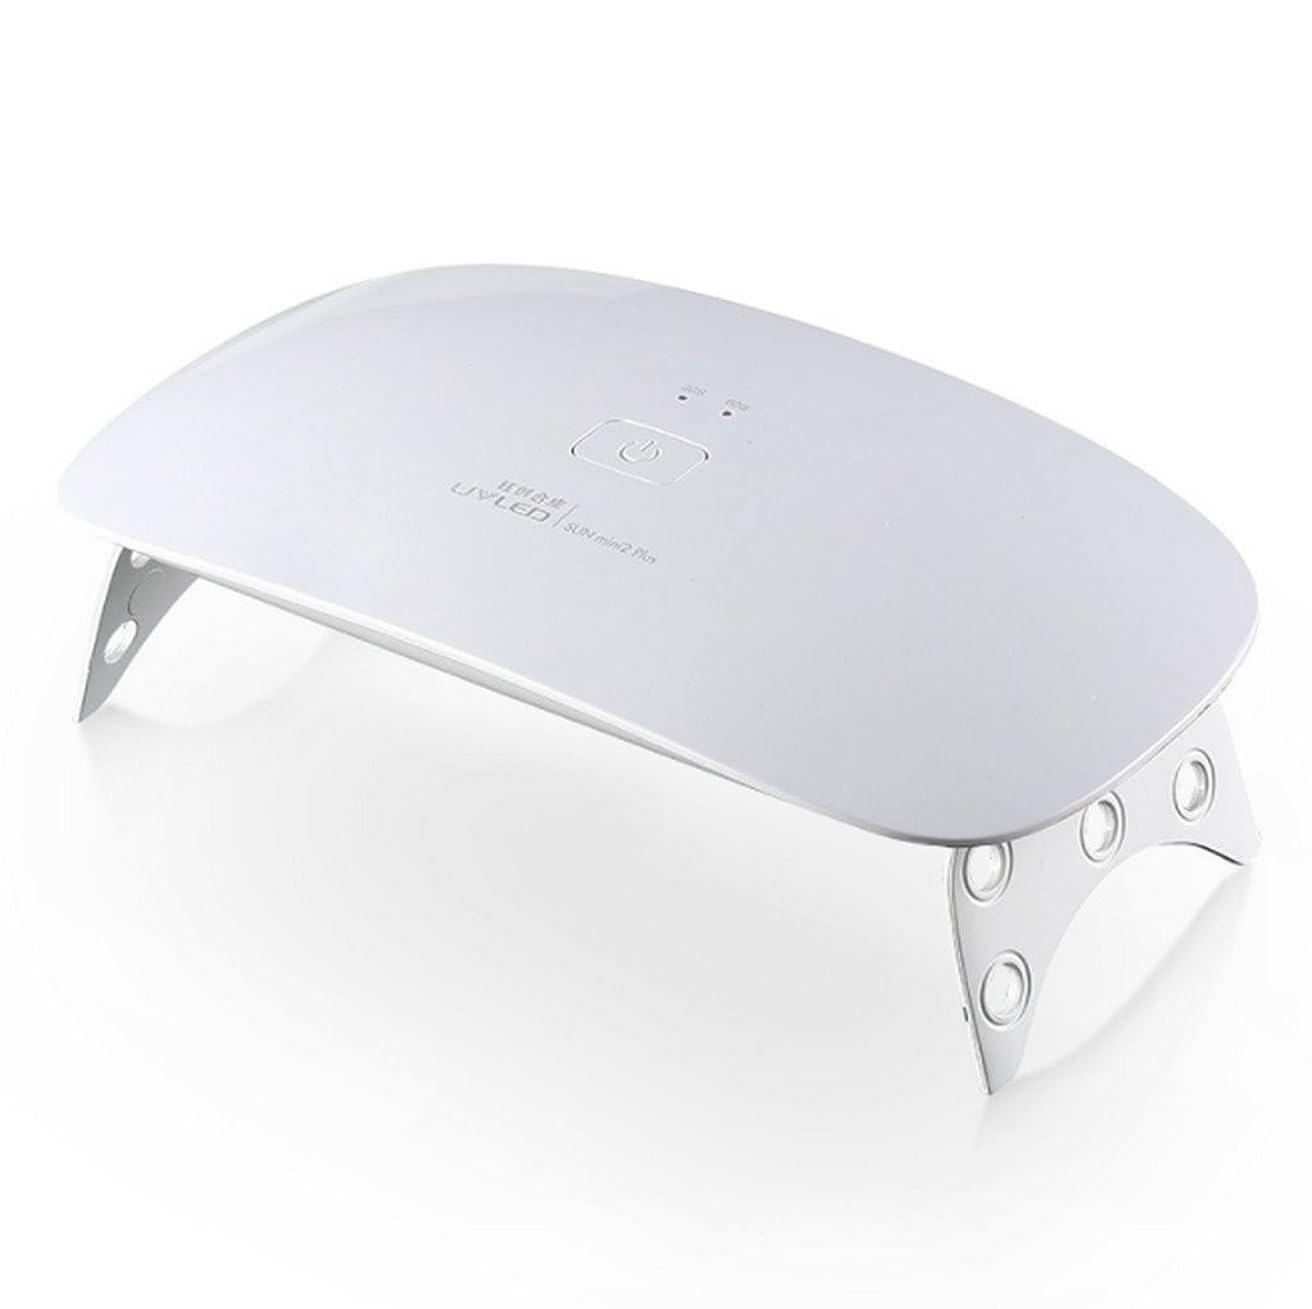 夜明けにトースト通行料金ジェルネイルライト24w 高速硬化 ハイパワー 人感センサー 赤外線物理療法 USB式 タイマー 速乾 手足両用 【一年保証】 (白)